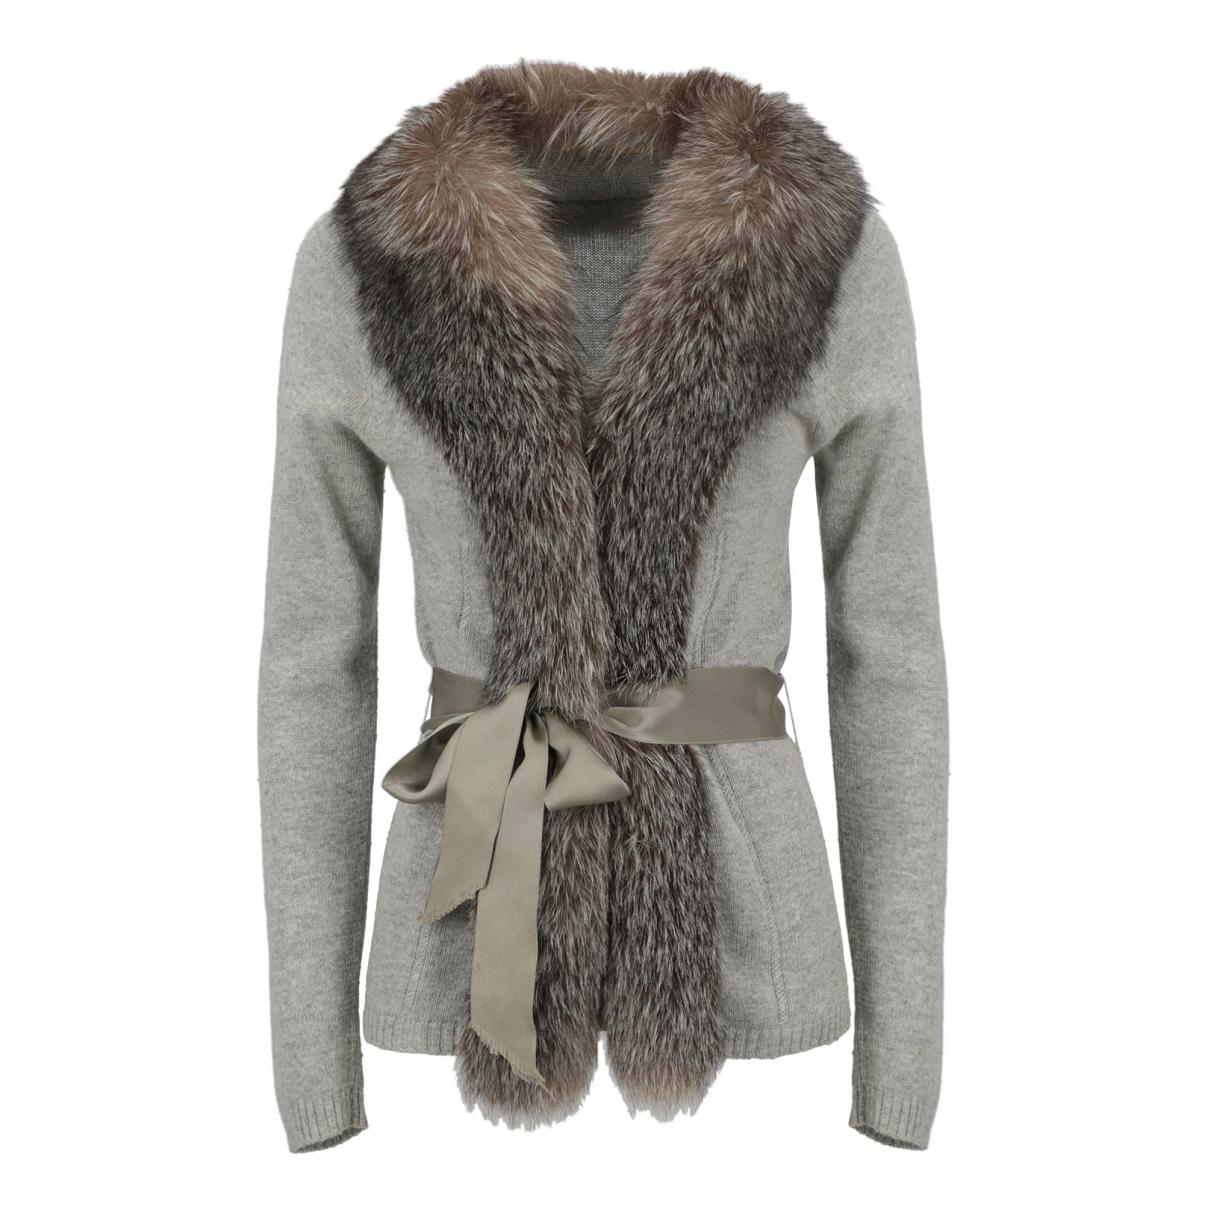 Blumarine N Grey Knitwear for Women 44 IT